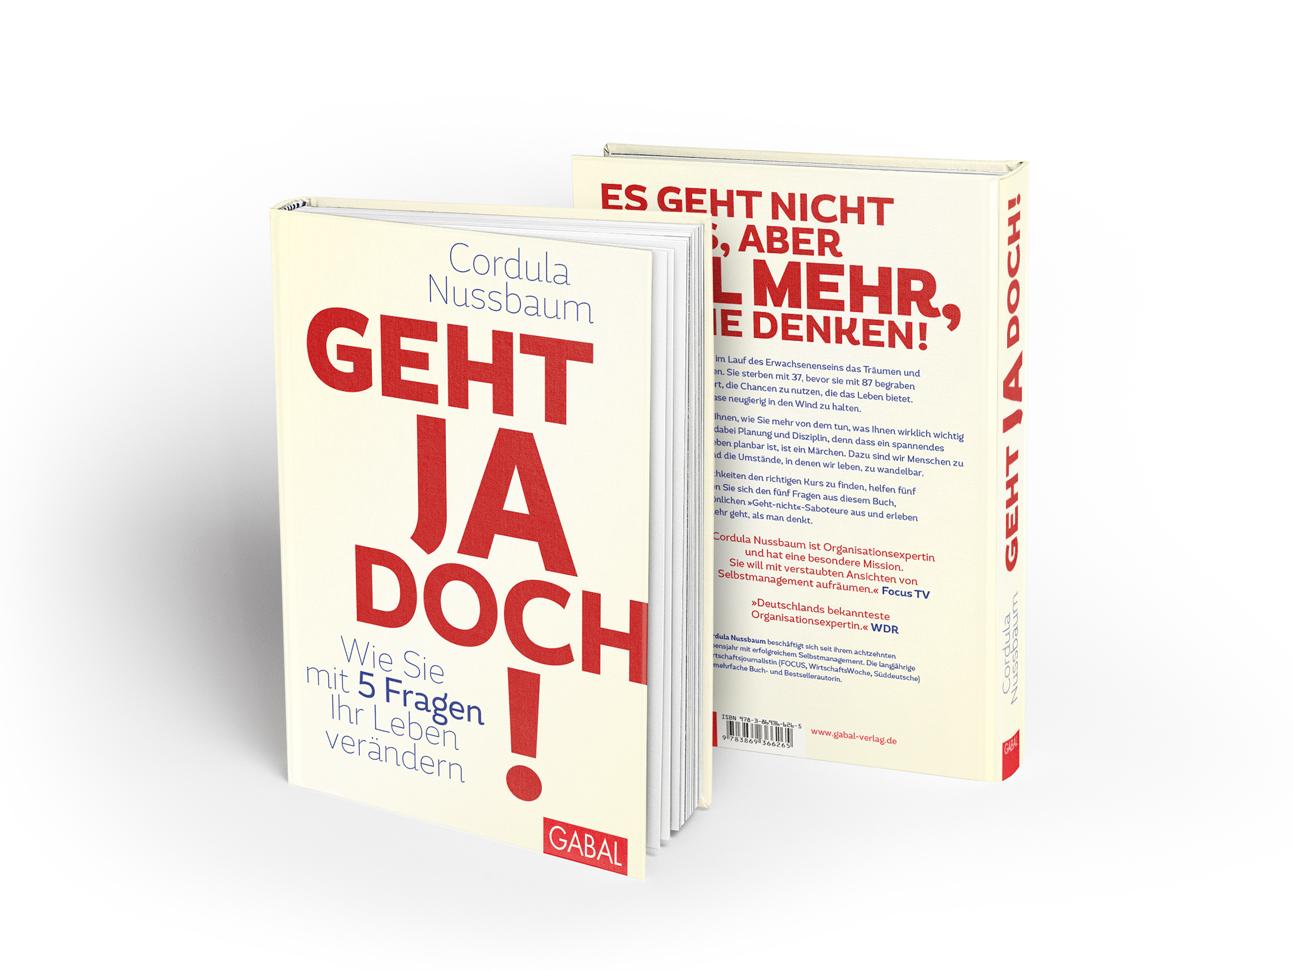 martin_zech_design_buchcover_gabal-verlag_cordula-nussbaum_geht-ja-doch